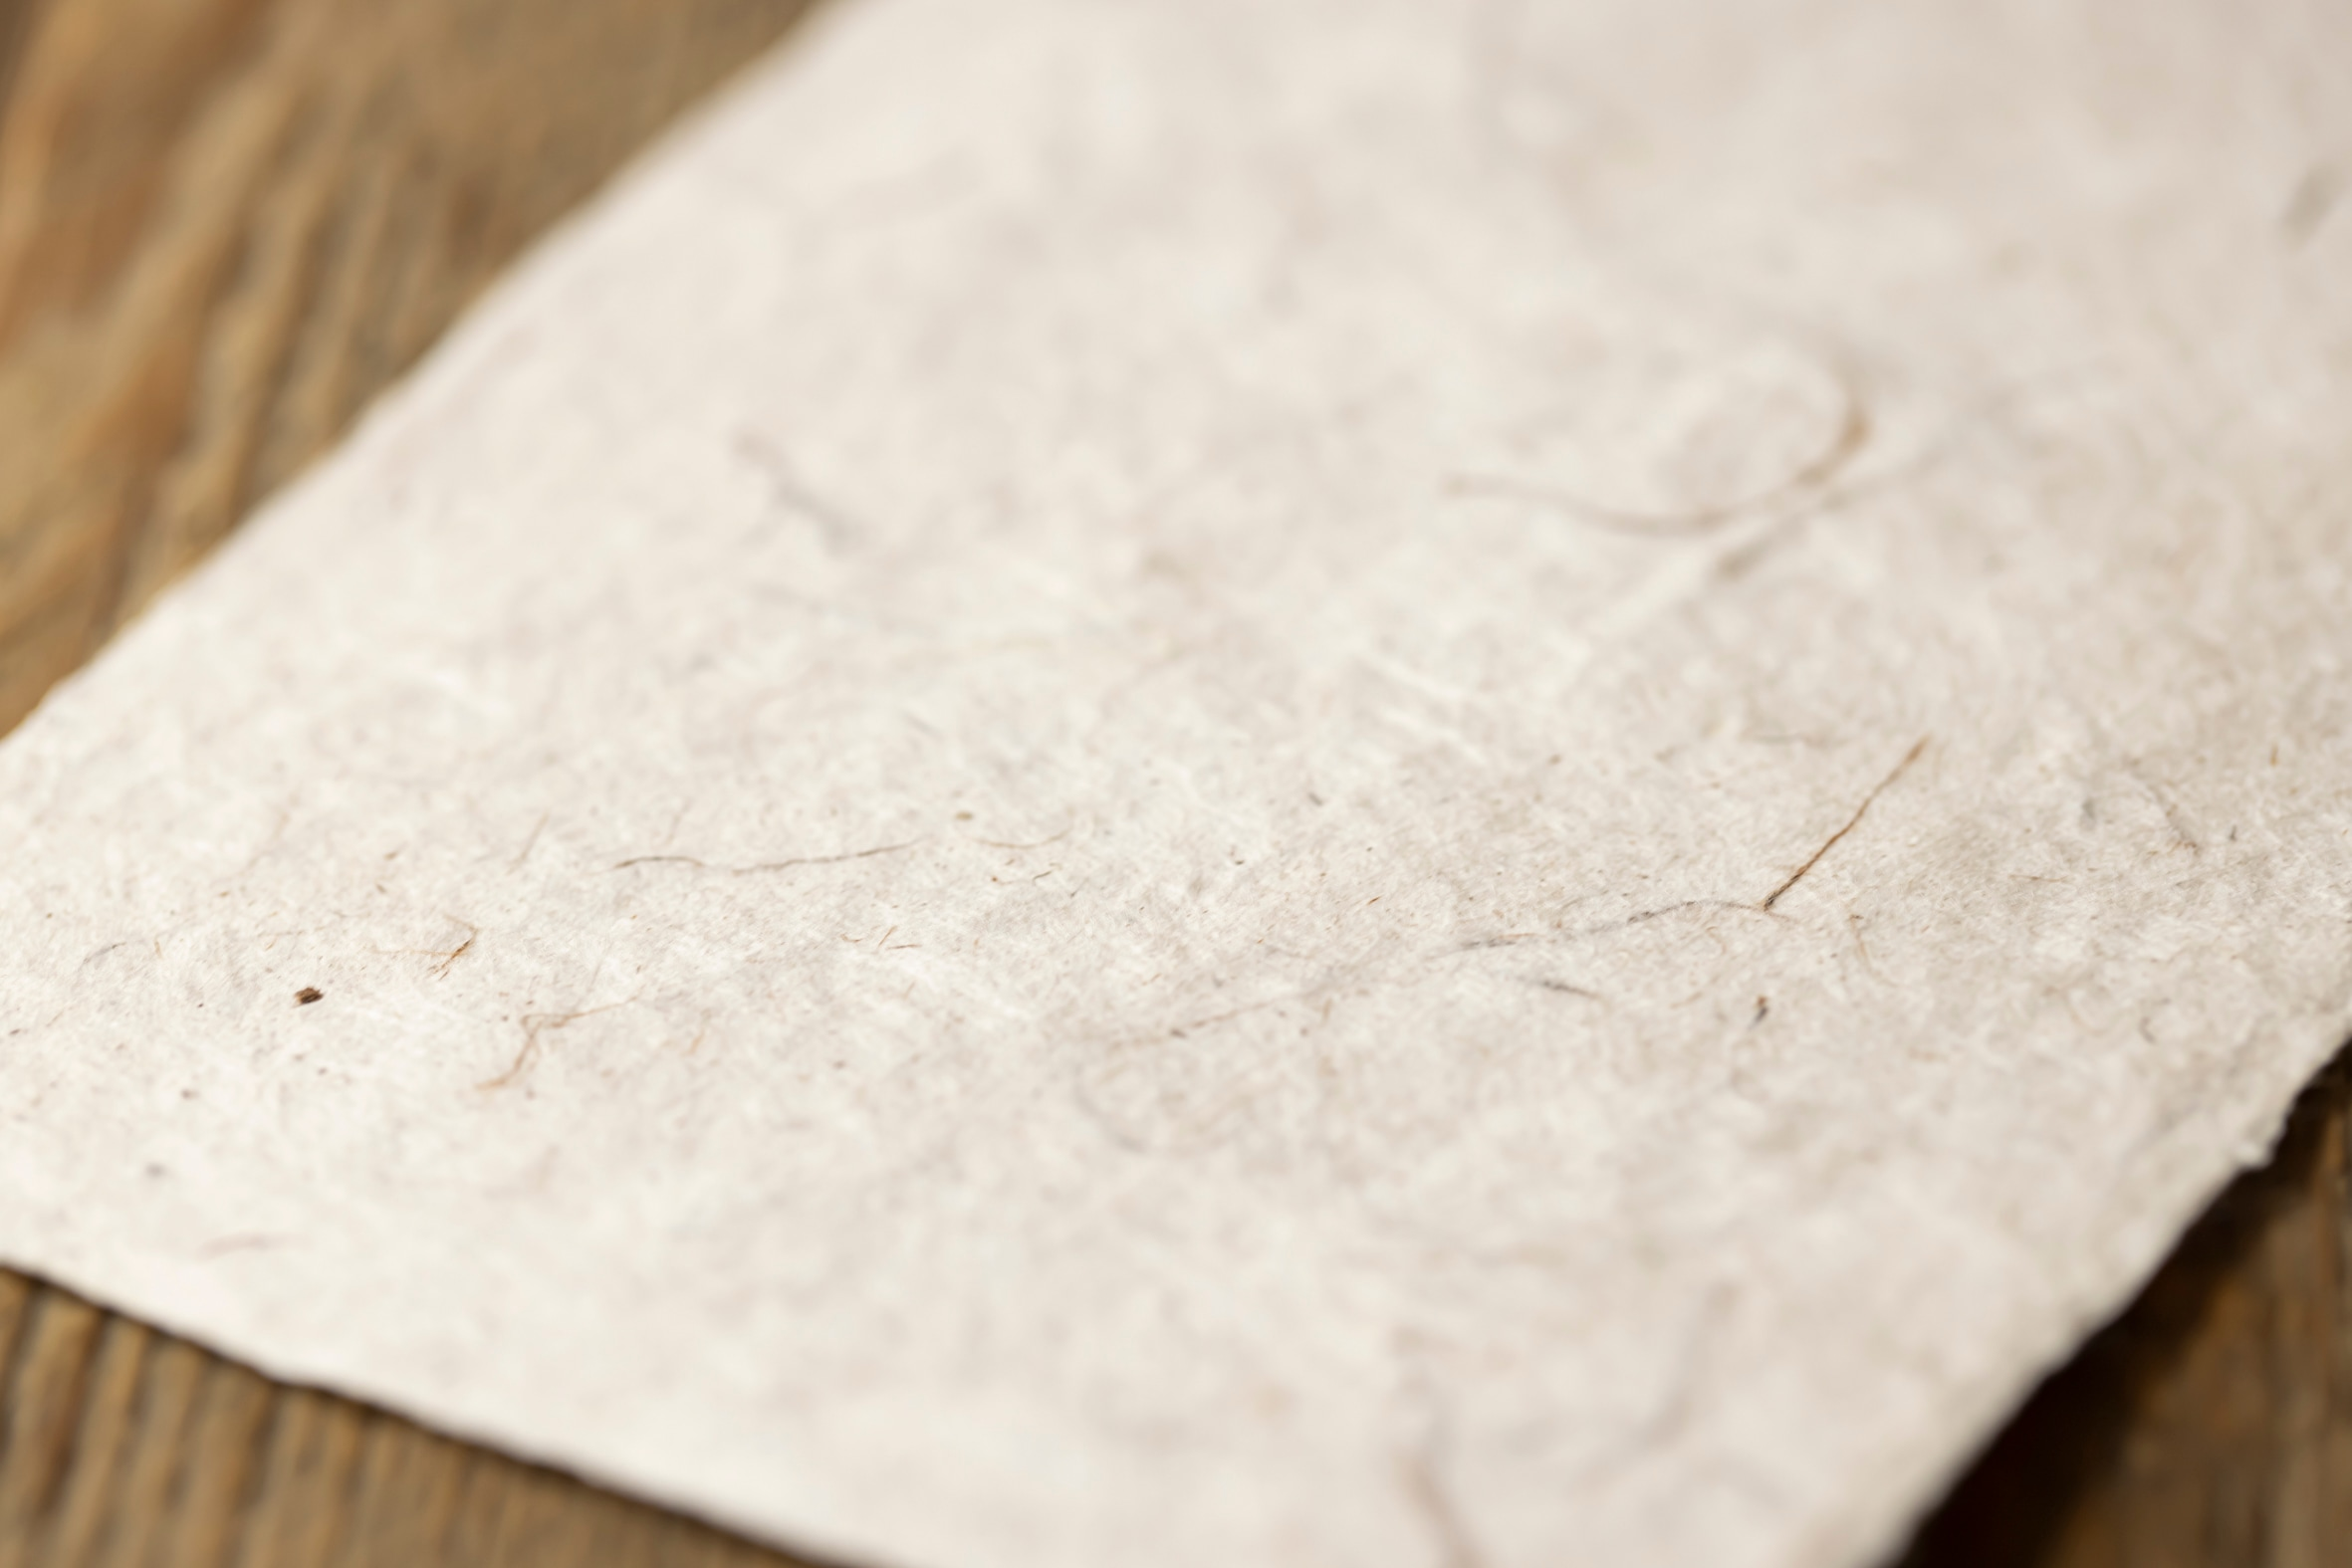 北海道で採取したハルニレ(春楡)から作った手すき和紙,紙びよりの蝦夷和紙